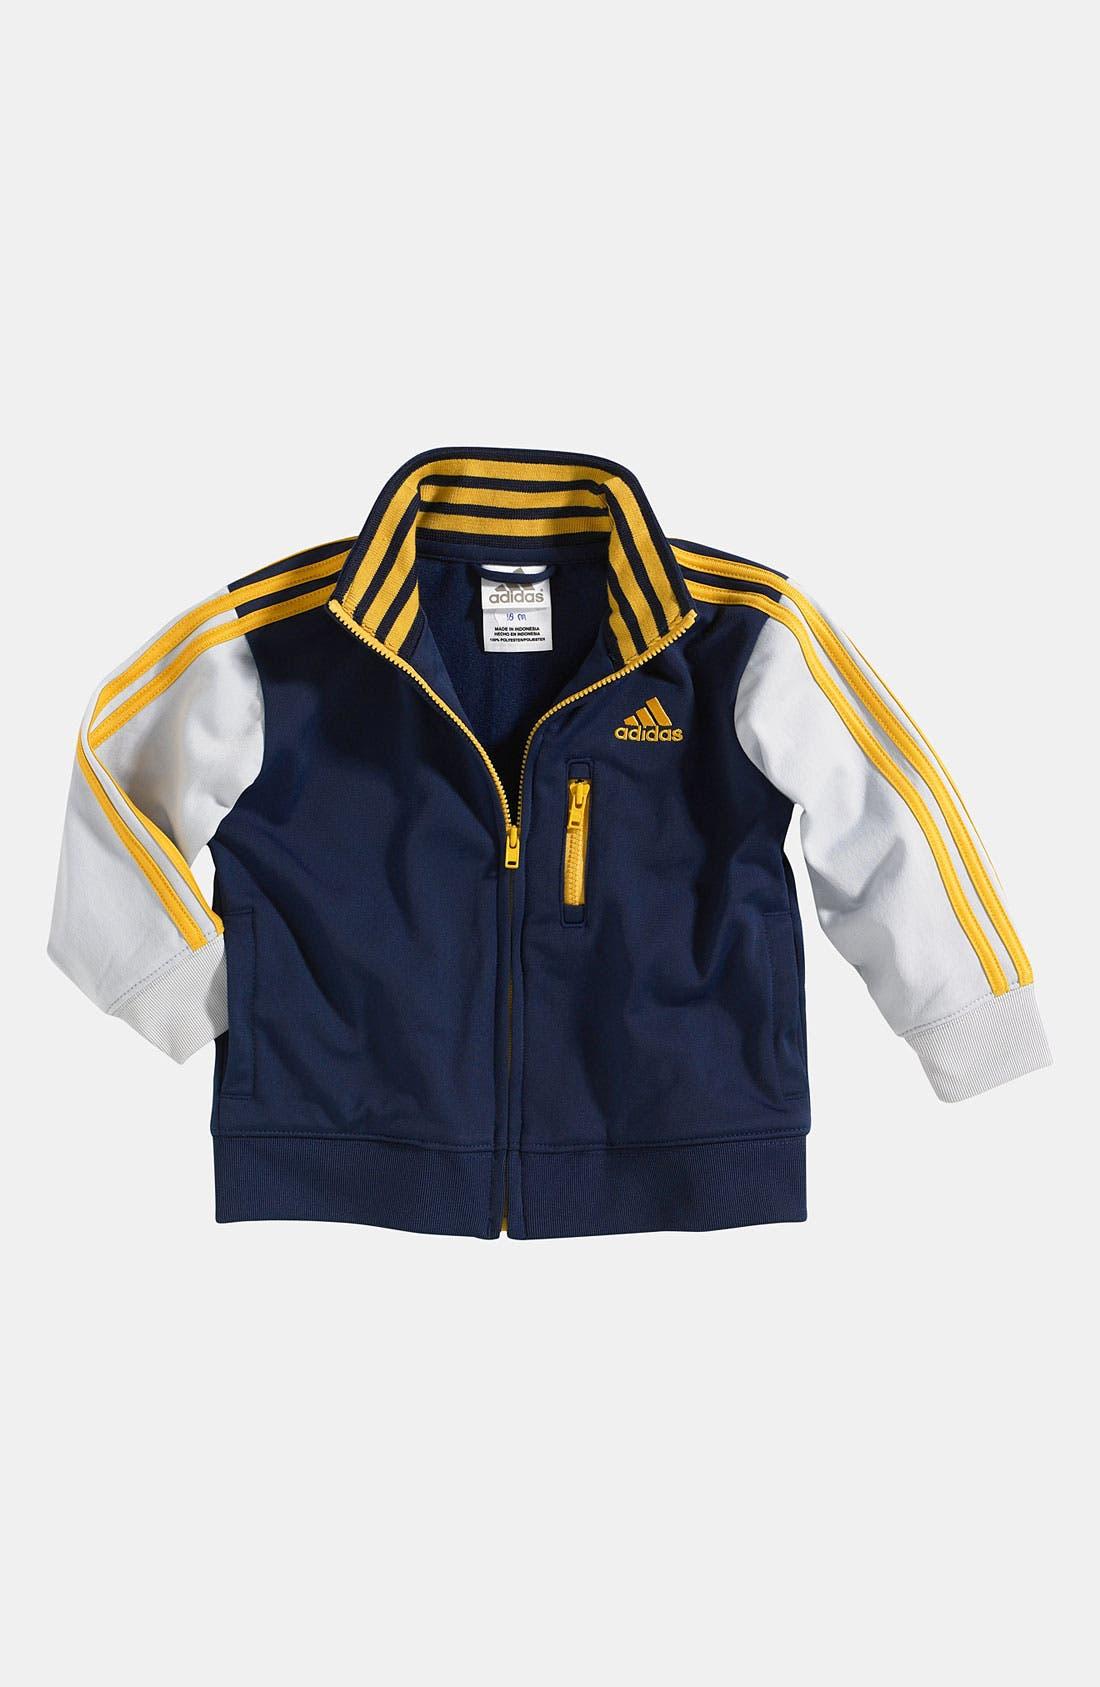 Alternate Image 1 Selected - adidas 'Varsity' Jacket (Infant)